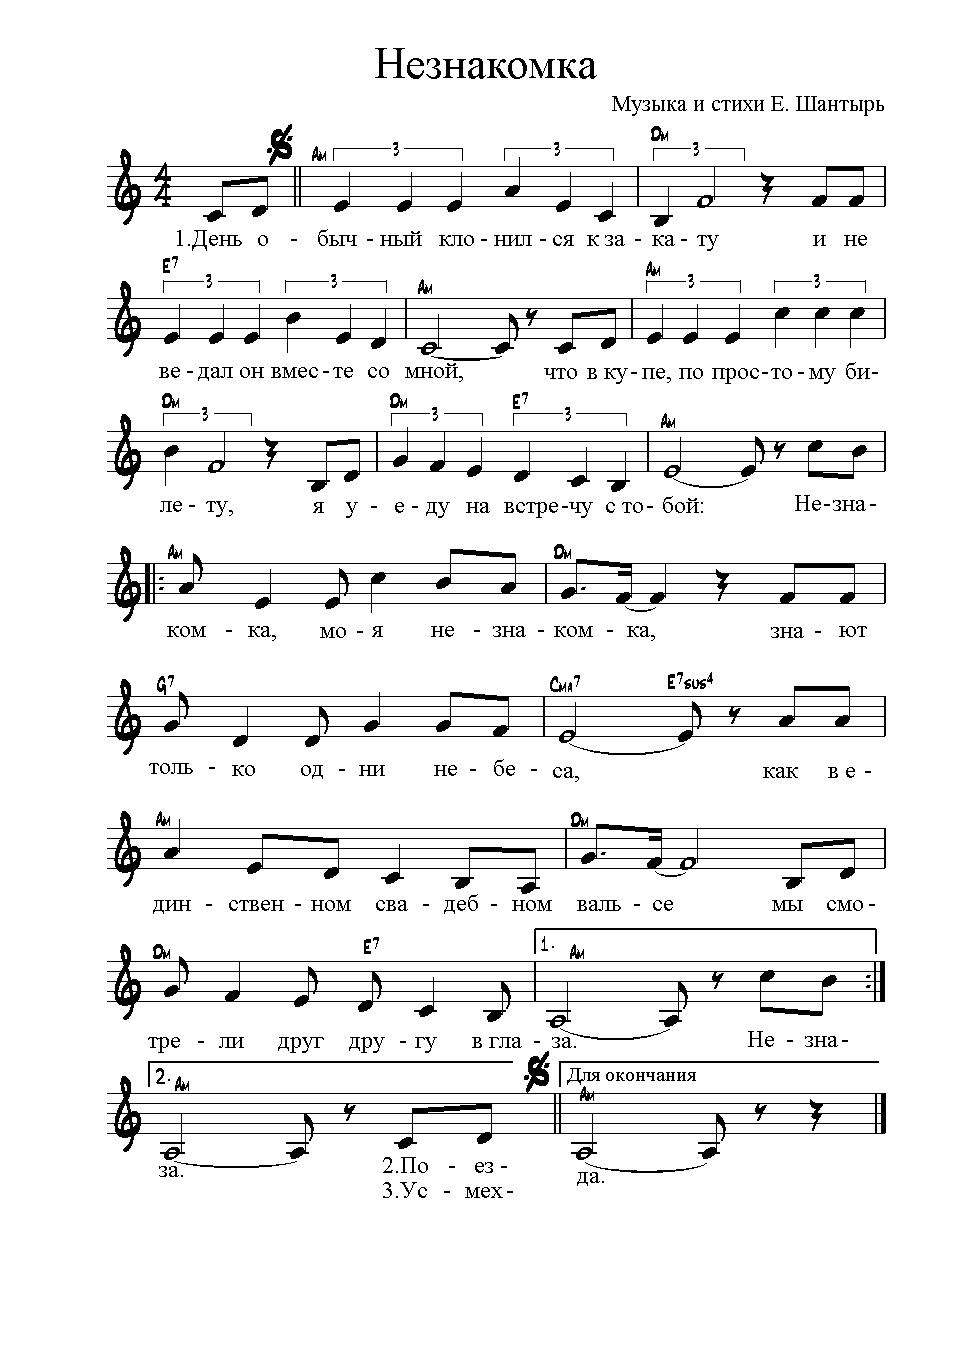 аккорды николаев незнакомка